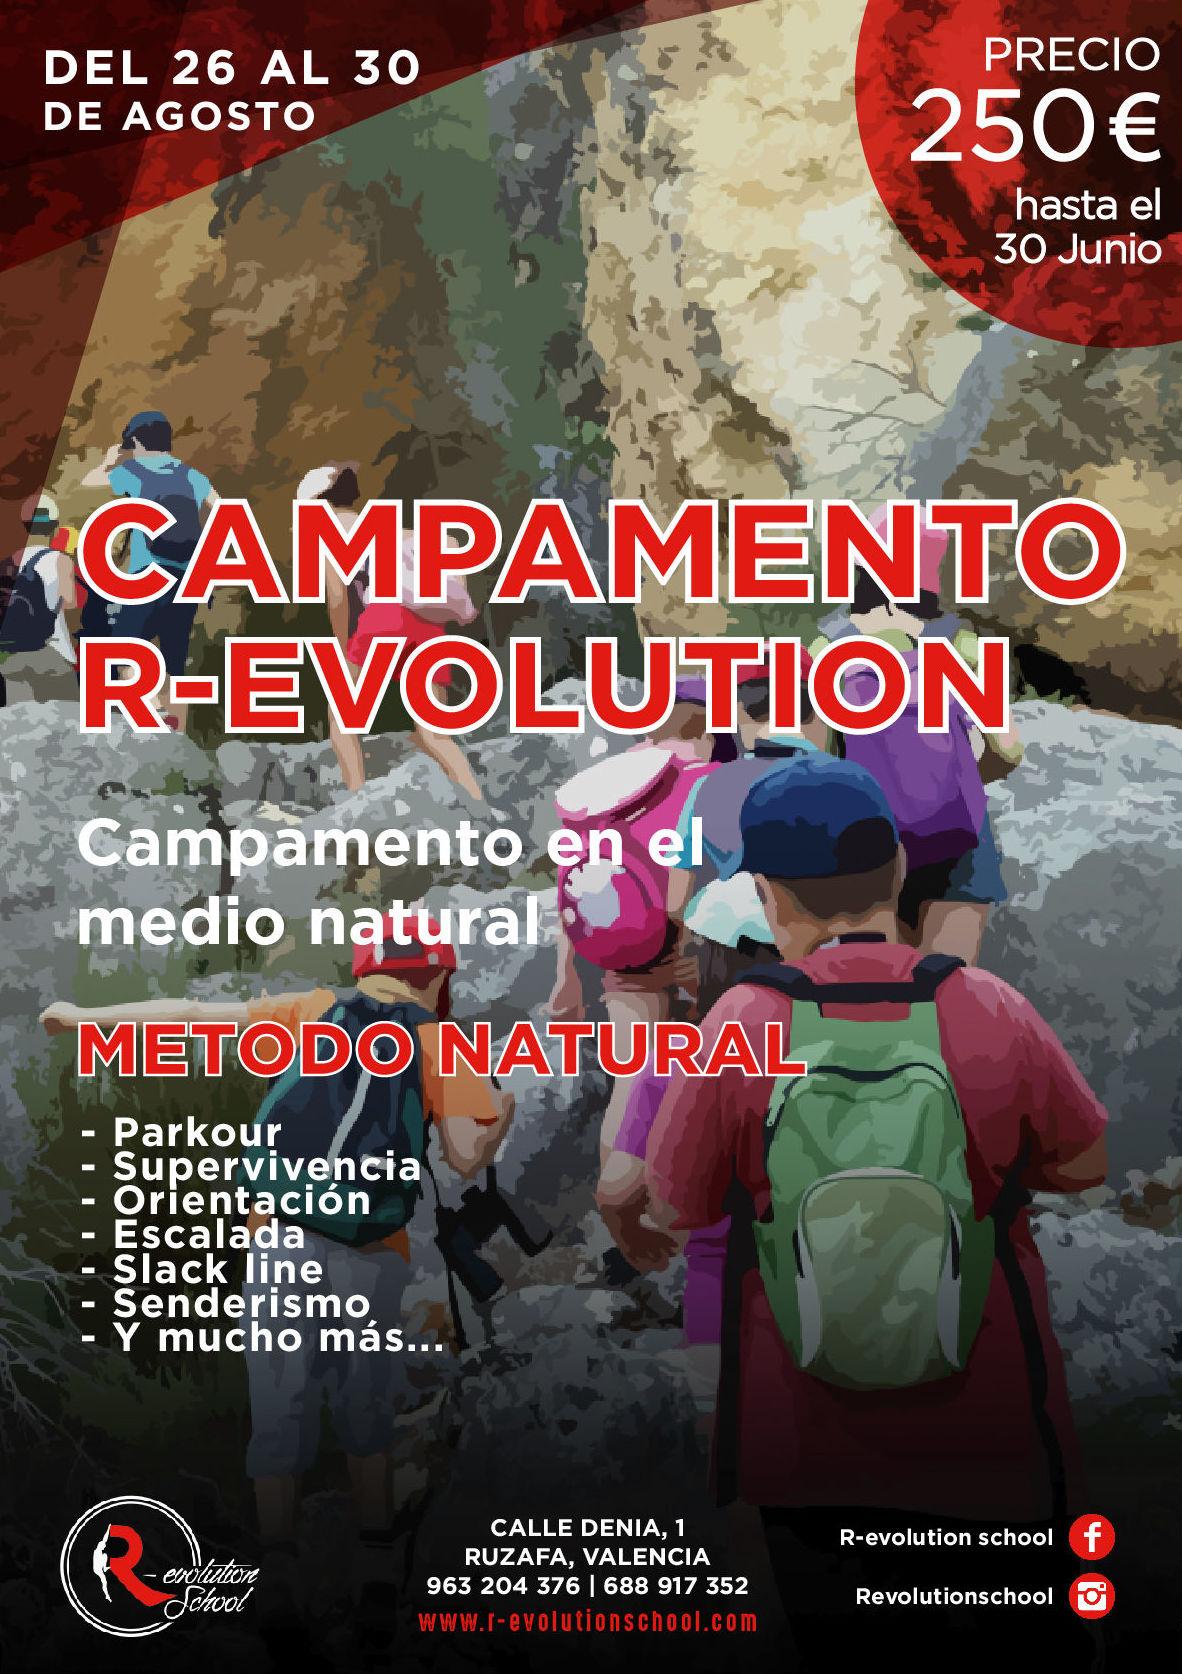 CAMPAMENTO VERANO R-EVOLUTION